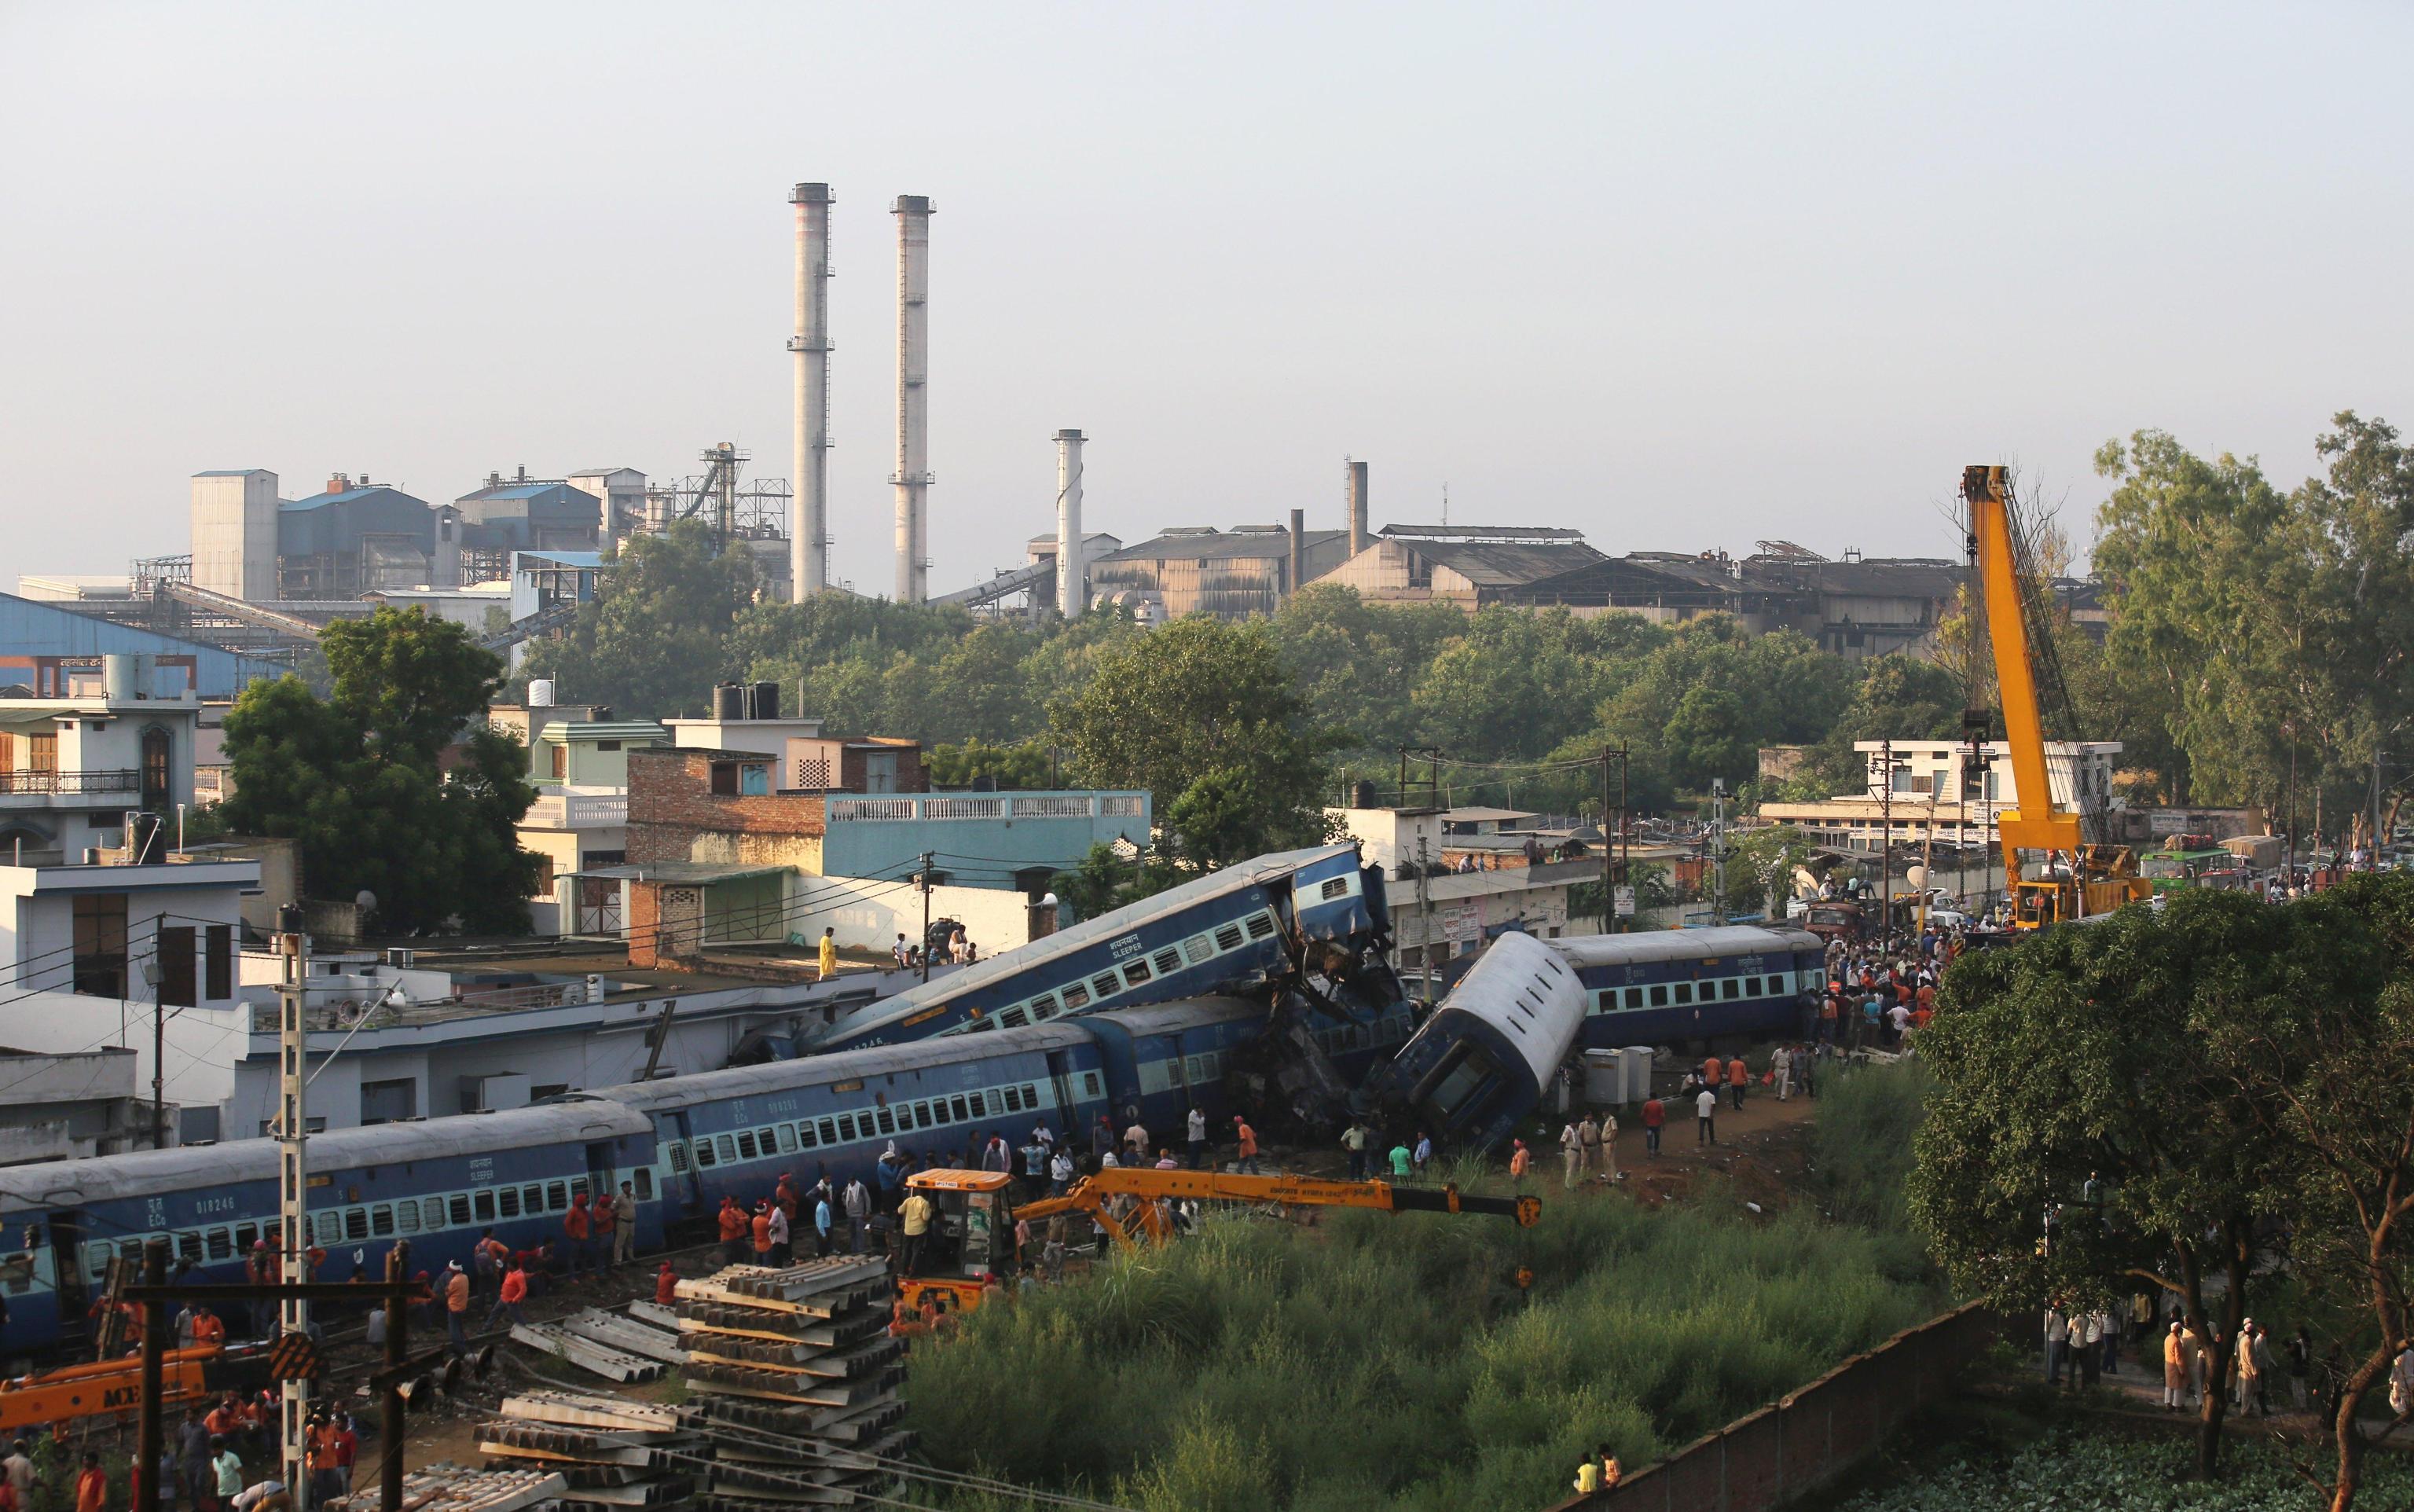 India: deraglia treno, almeno 3 morti